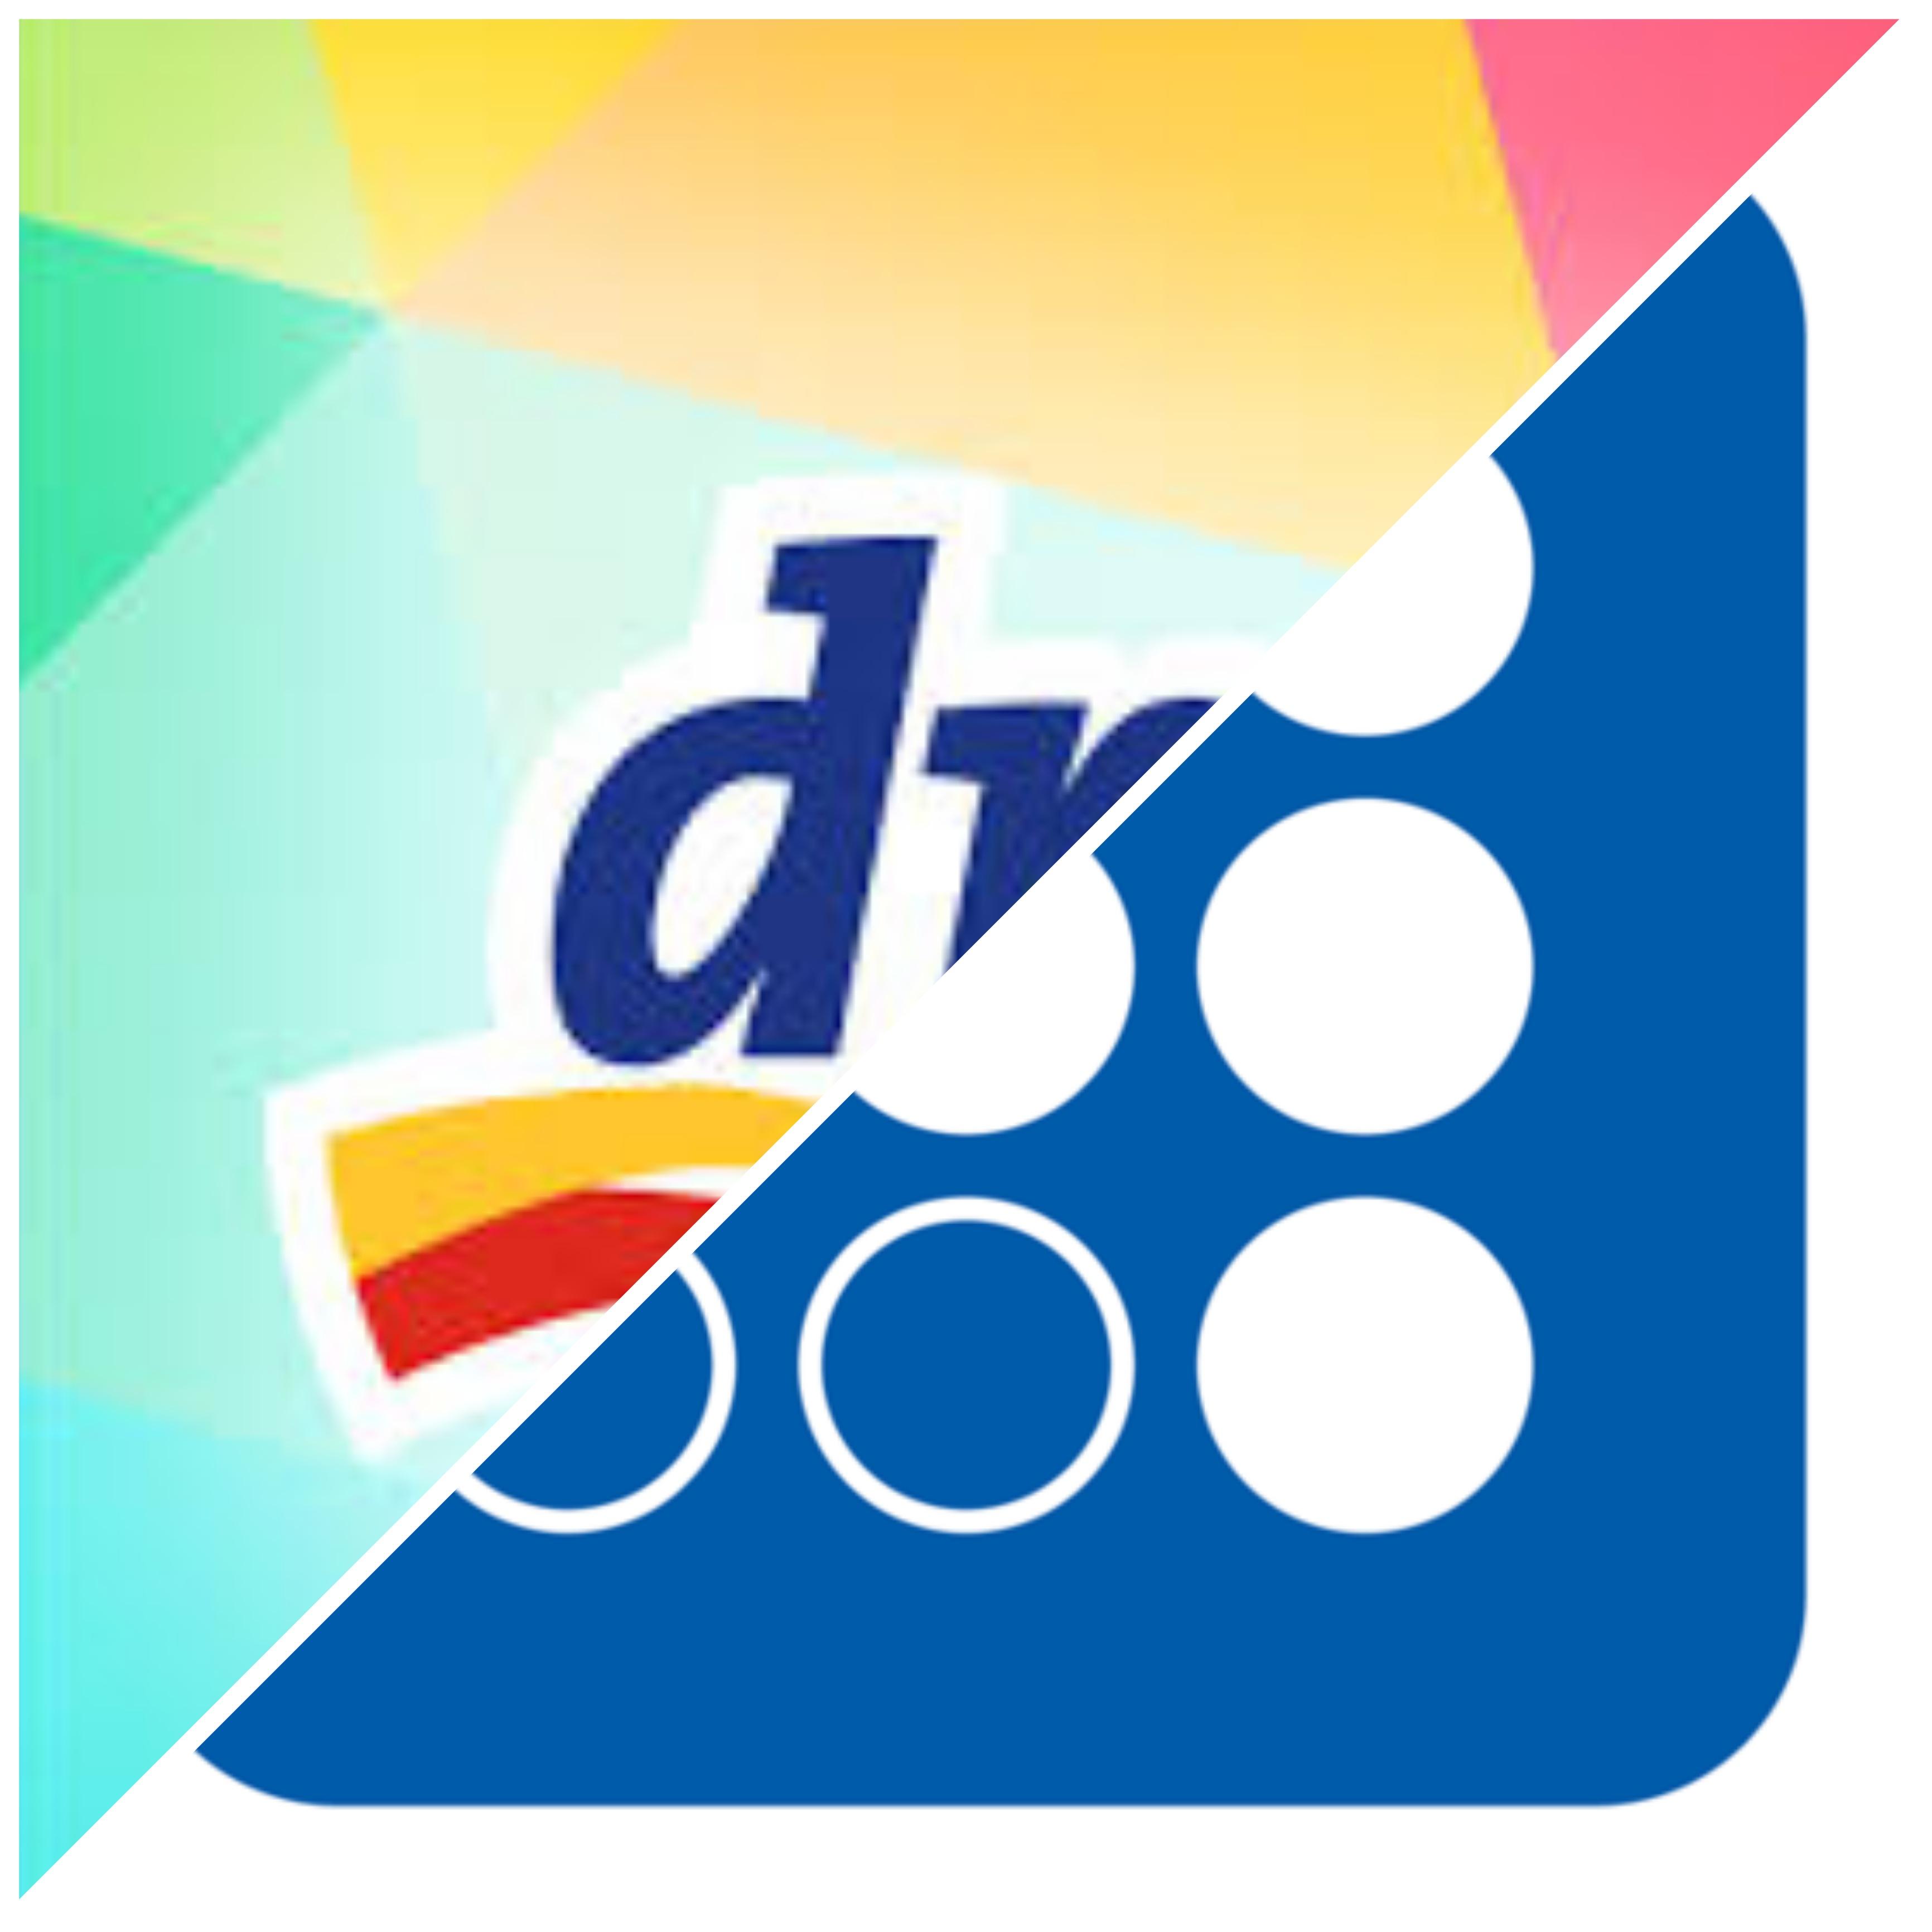 [ Mein dm App feat Payback ] 33fach auf dekorative Kosmetik / Gesichtspflege / Deodorants / Duschbädern /// 22fach auf Ernährungsprodukte